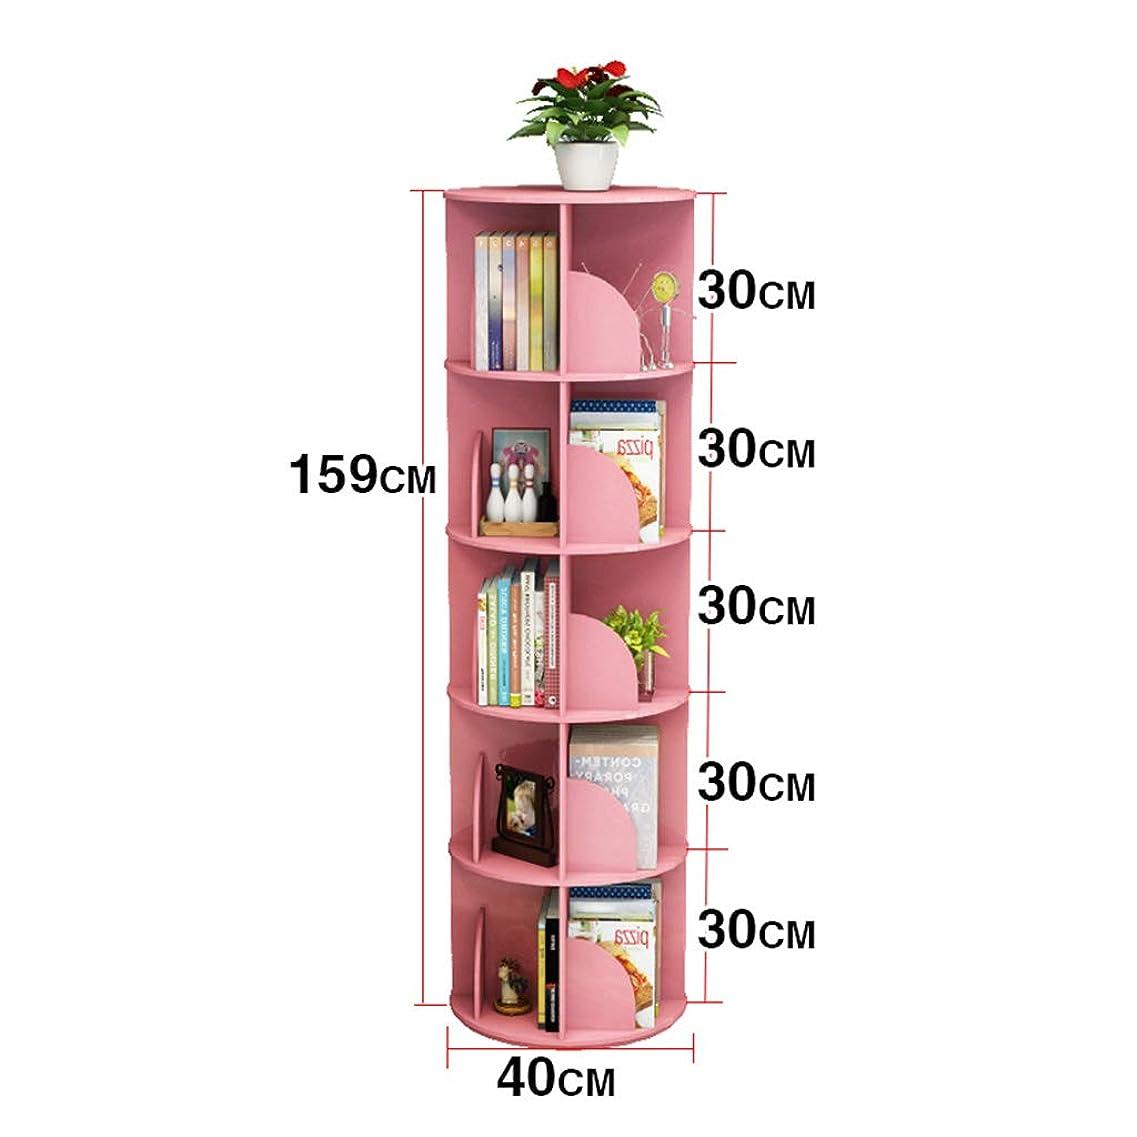 苦悩頭蓋骨滅多360°回転の本棚の本学生の床多層ストレージキャビネットラックピンク (サイズ さいず : 50*159*CM)